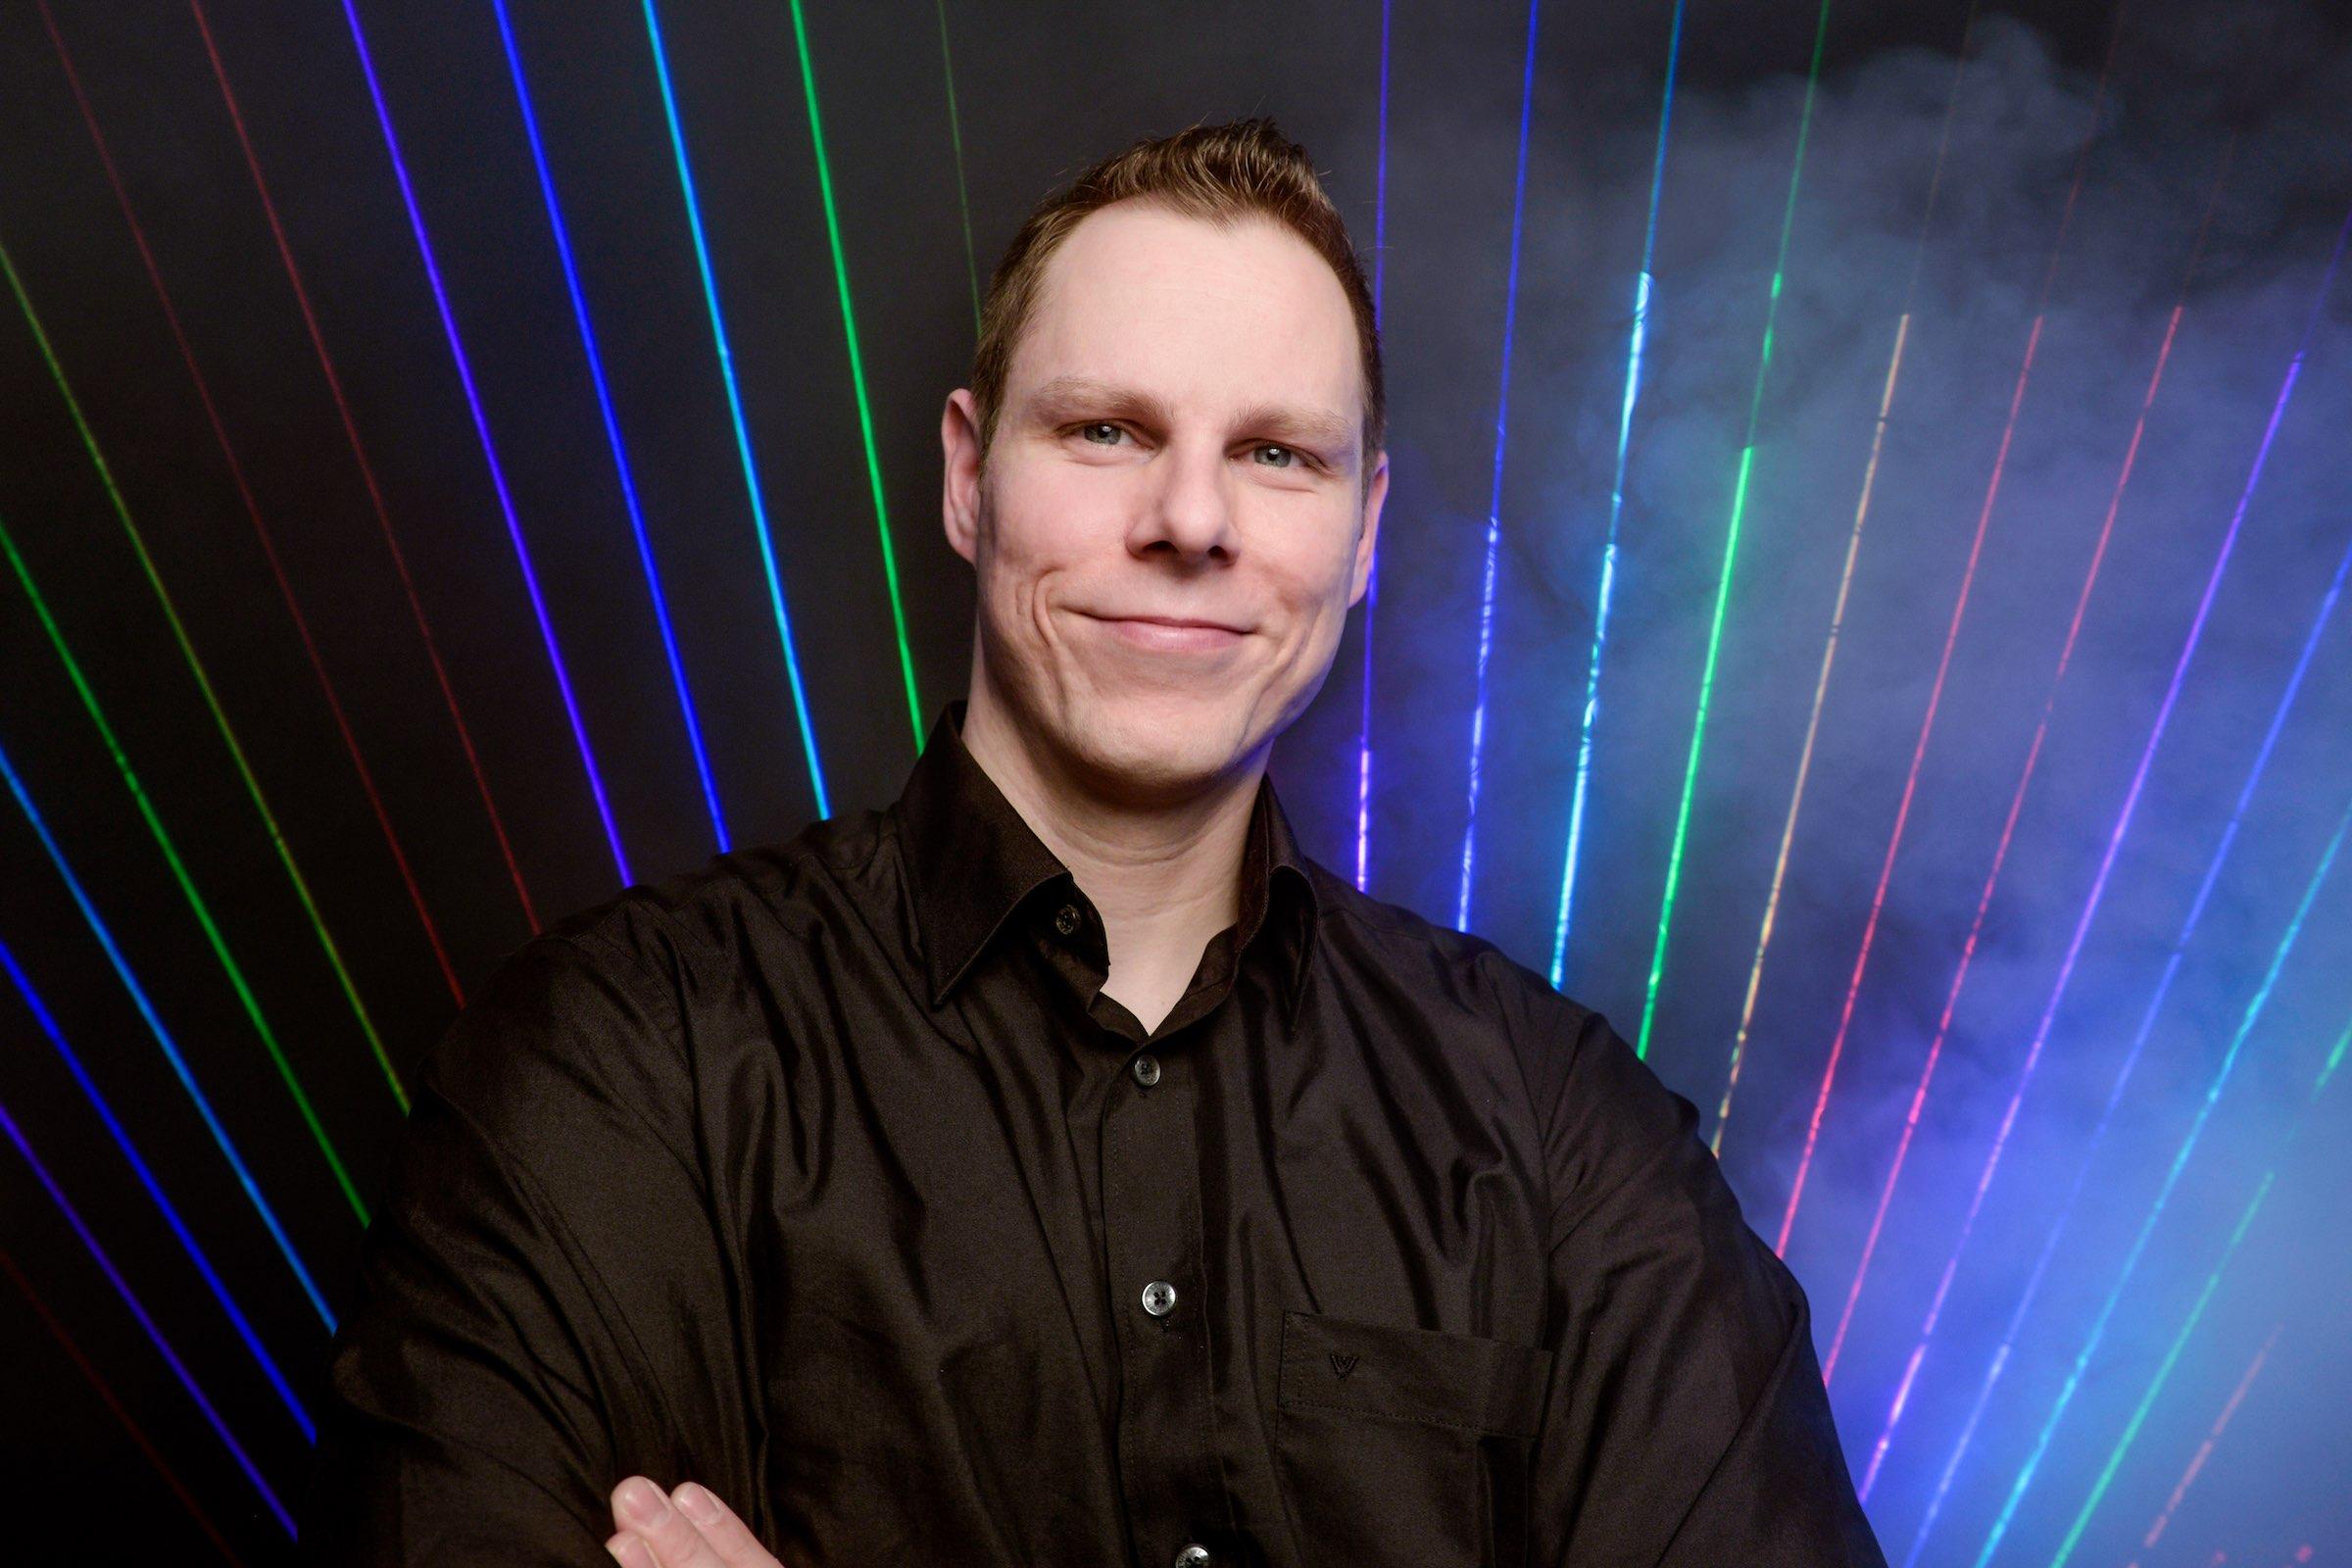 Lasershow |Hannover |Event |Hohzeit |Business |Laser |Lichtshow |Beamshow |Lichttechnik |Indoor |Lightshow Bühnenshow |Präsentation |Business |Anfragen |Buchen |Mieten